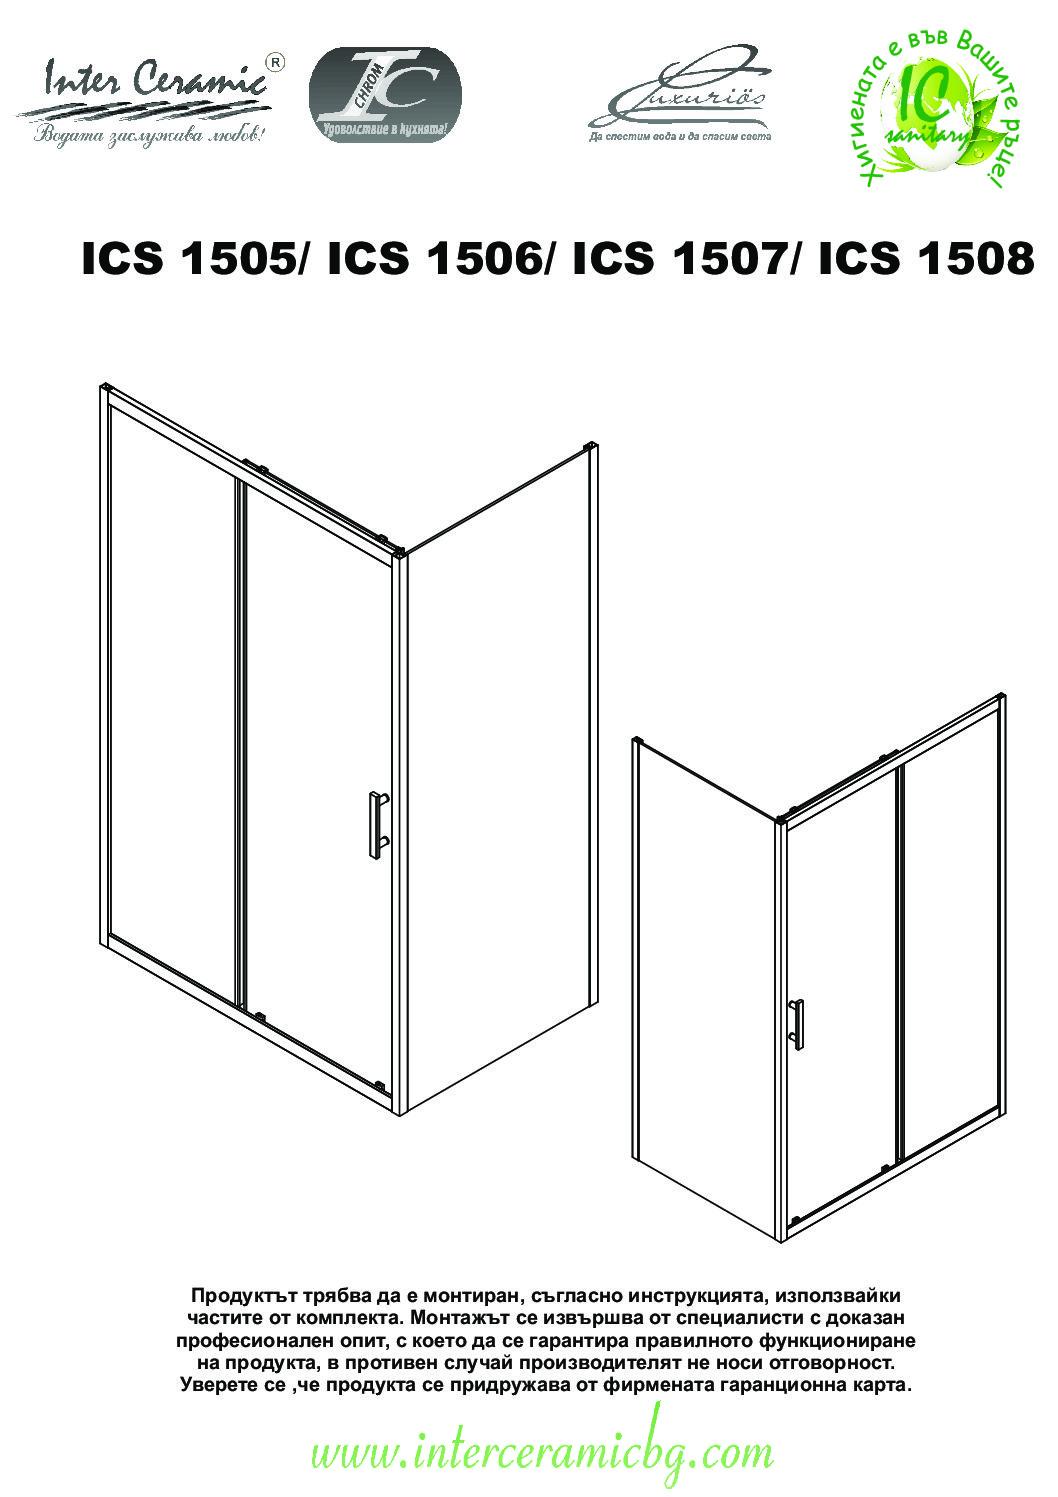 ICS 1507 Душ кабина100-80 см